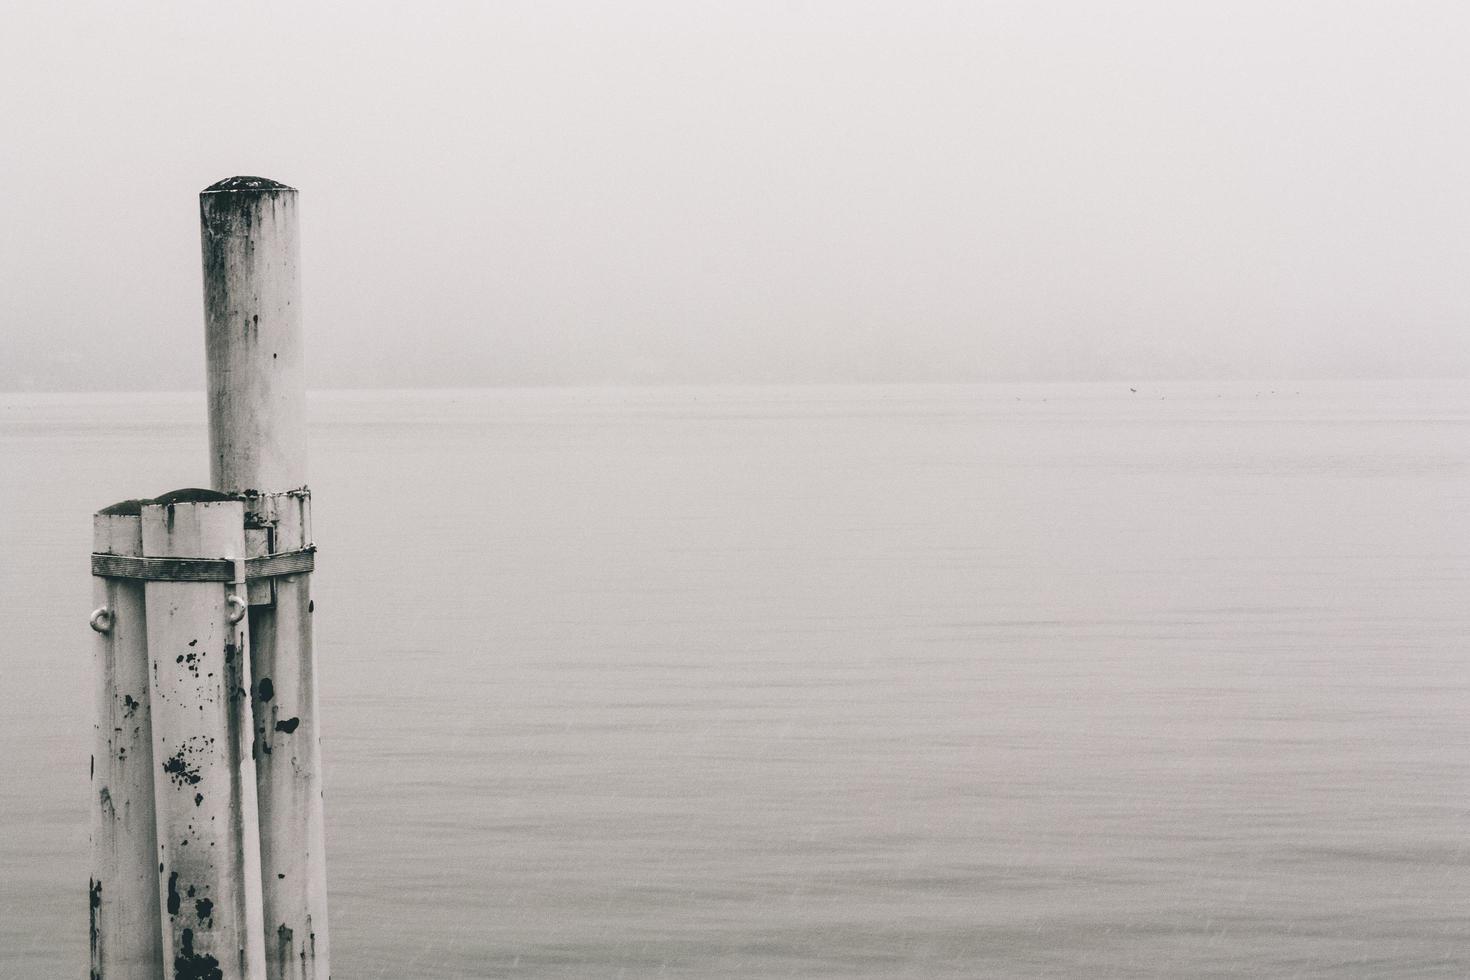 witte houten paal op zeewater foto